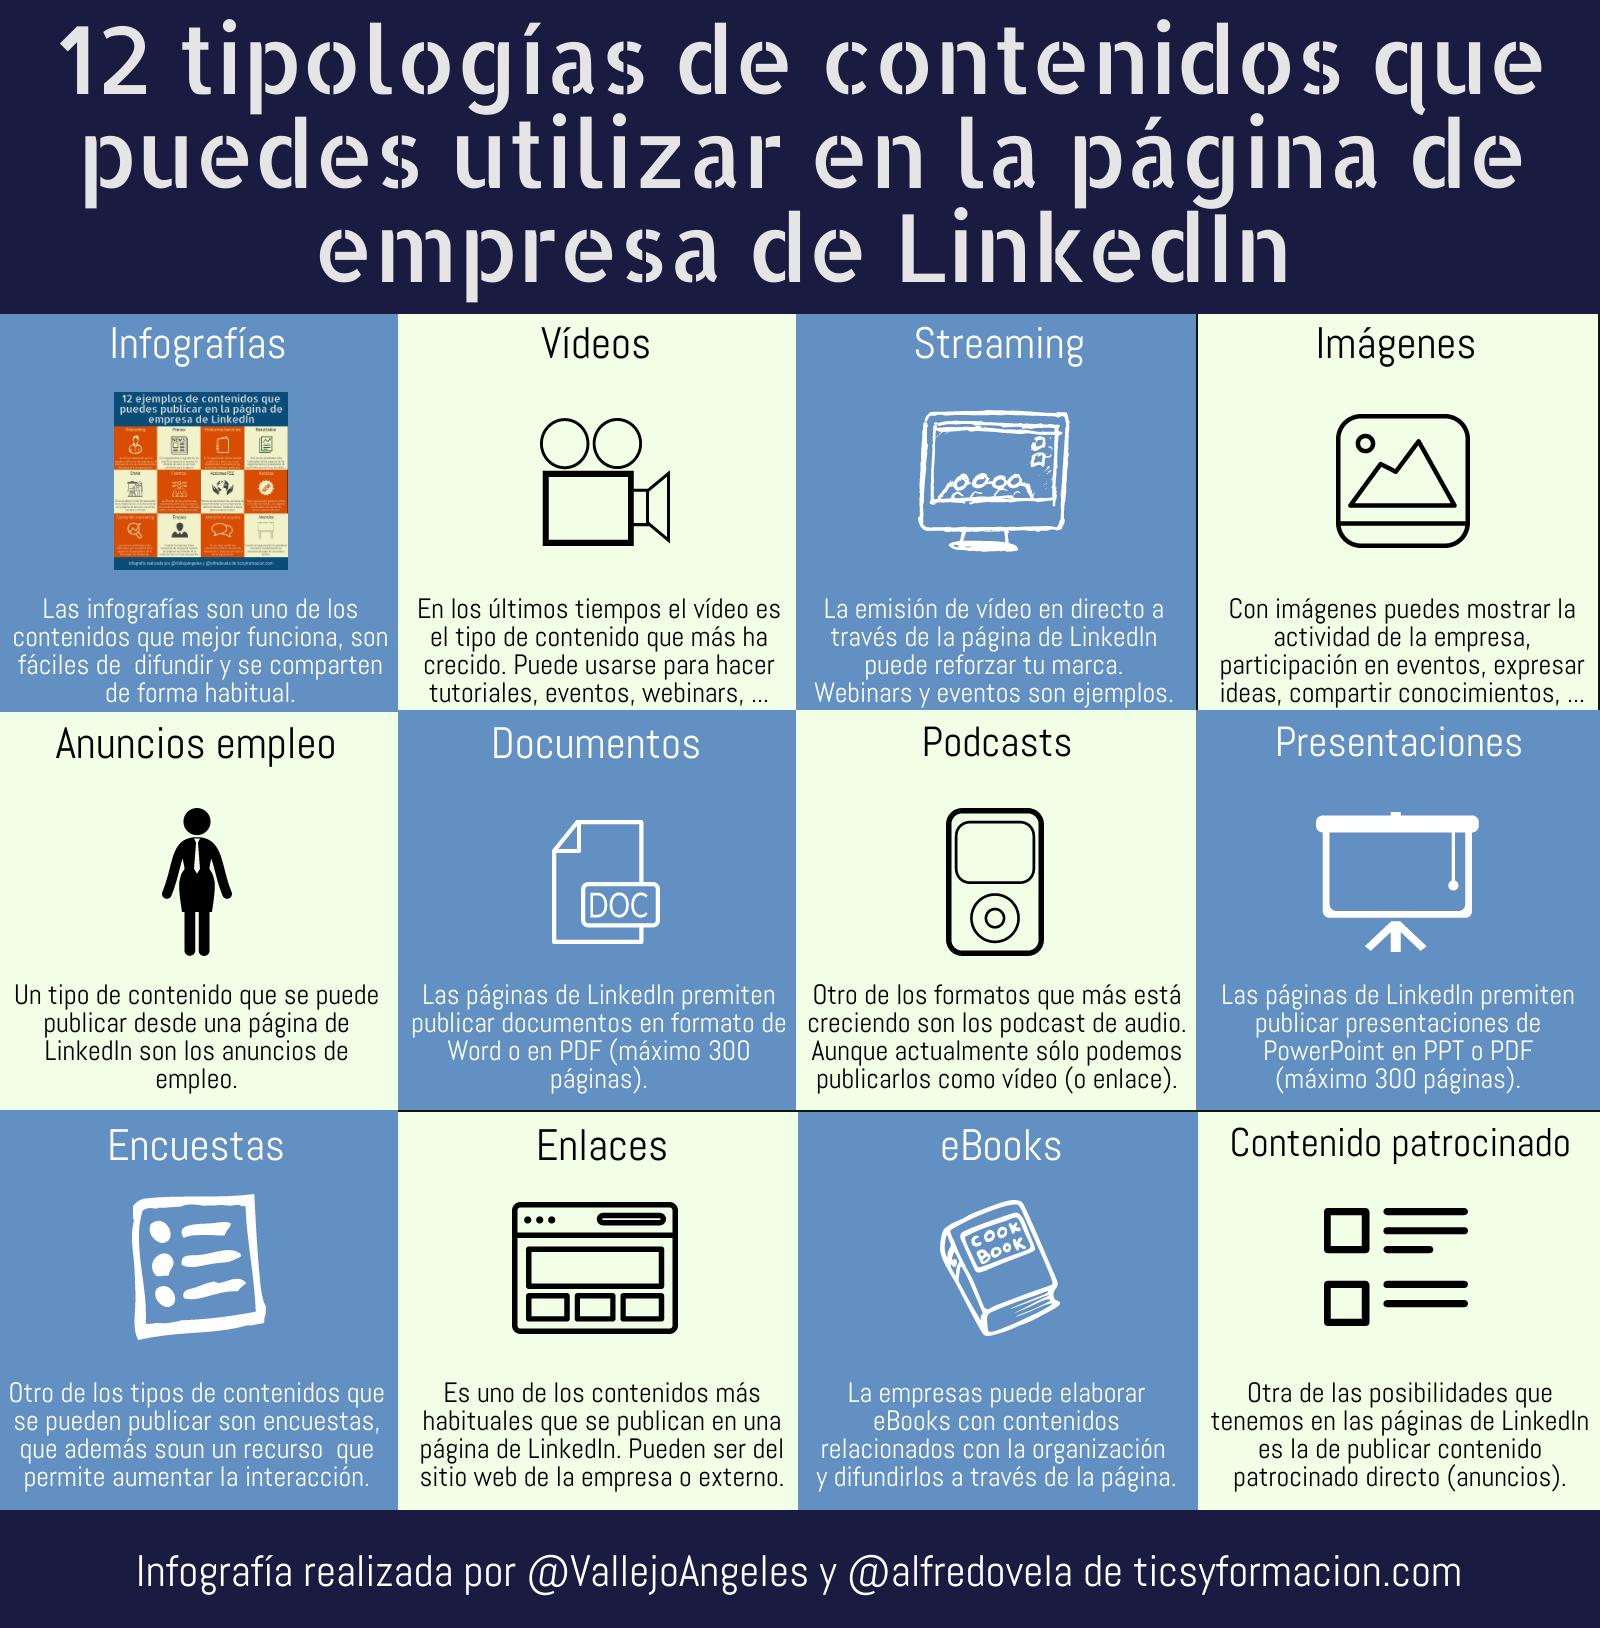 12 tipologías de contenidos que puedes publicar en la página de empresa de LinkedIn #Infografia #Contenidos #SocialMedia